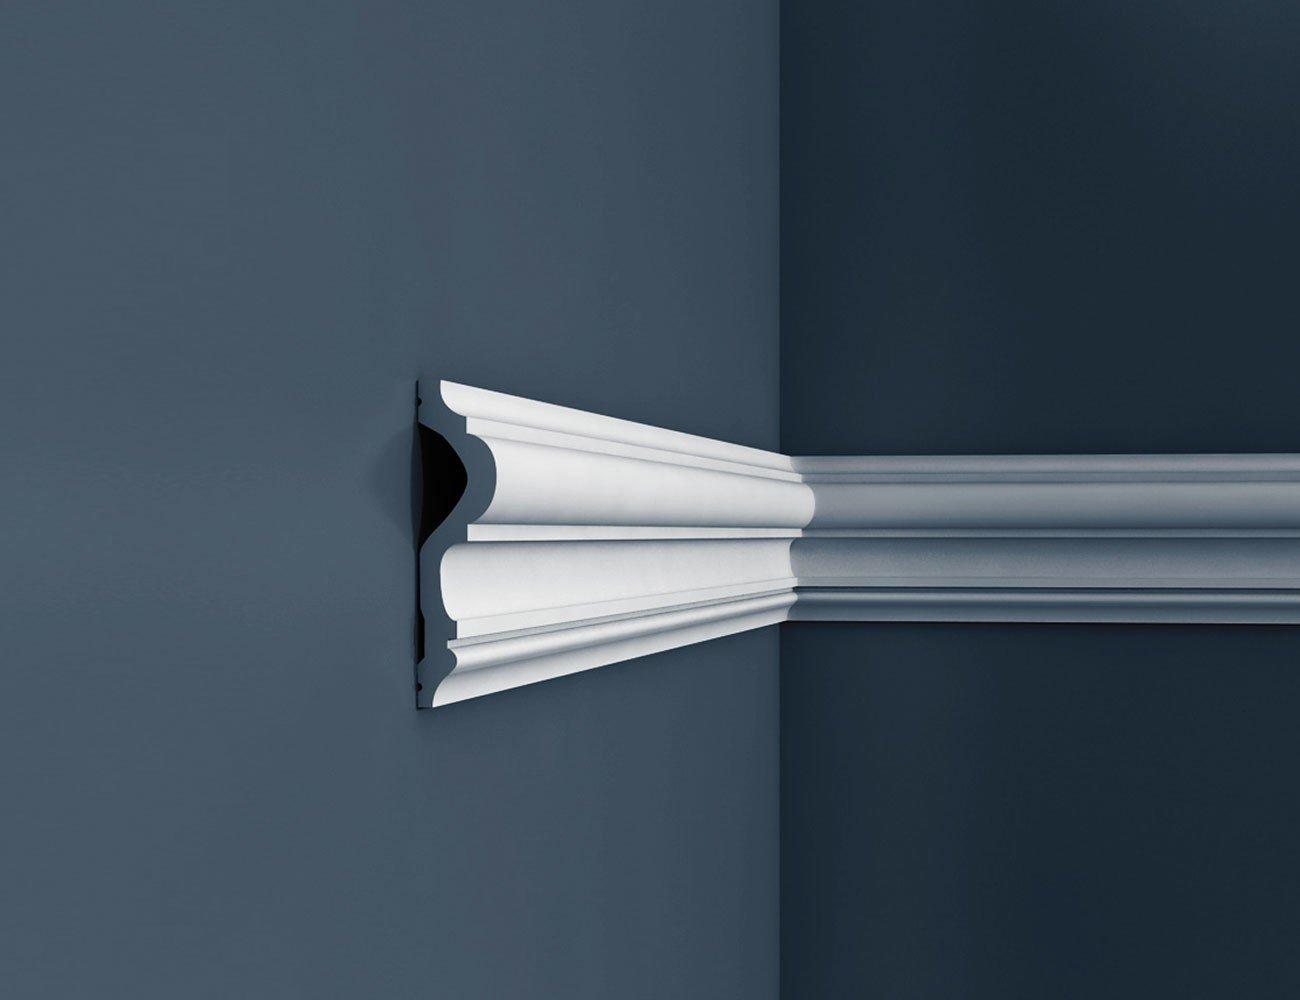 Cimaise Corniche Moulure Dé coration de stuc Orac Decor P8050 LUXXUS Profil dé coratif du mur | 2 m